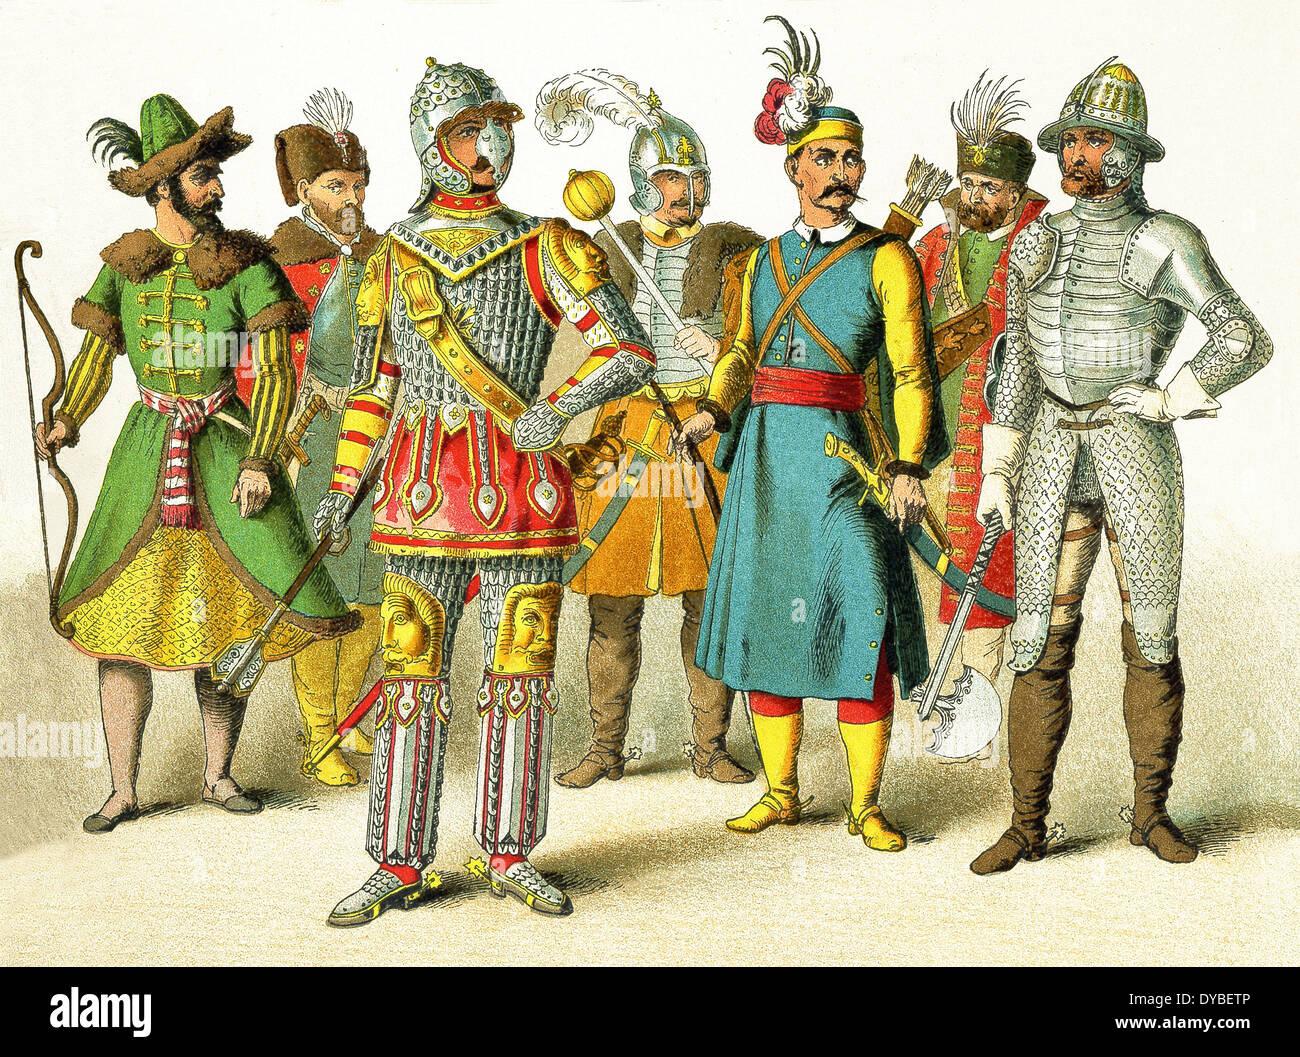 Hier sind russische Krieger, polnischer König, polnischen Chef, ungarische Chef, ungarische Krieger, ungarischen Prinzen, ungarischen Krieger. Stockbild